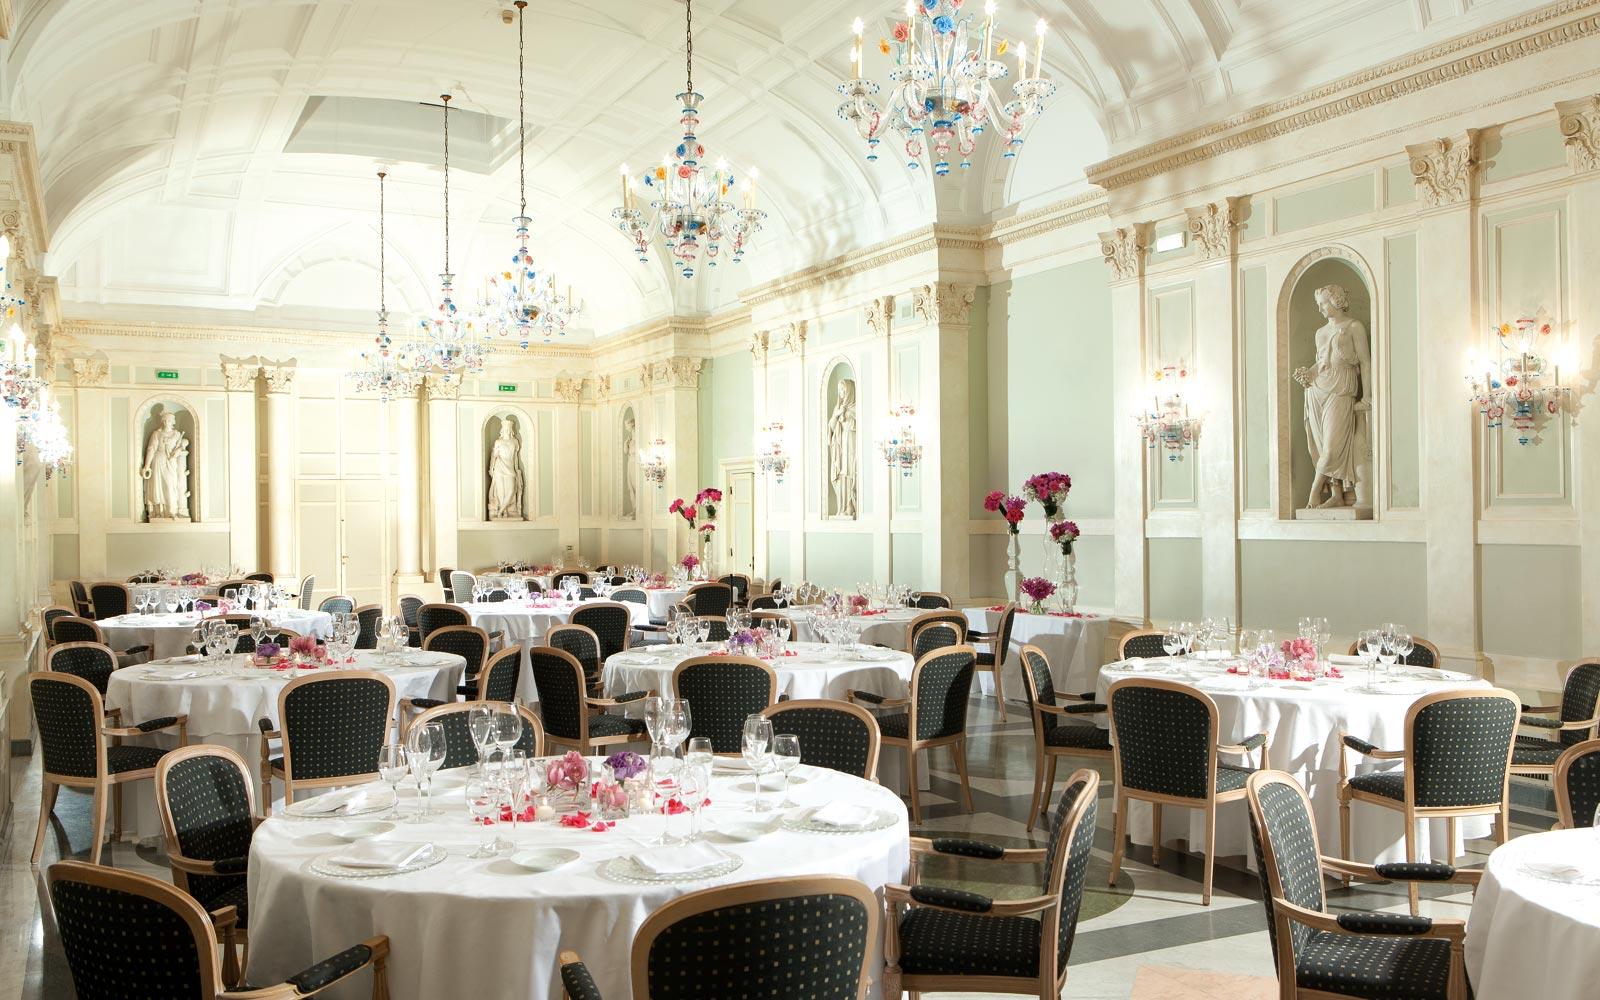 Лучшие отели мира: Grand Hotel de la Minerve - фото №3